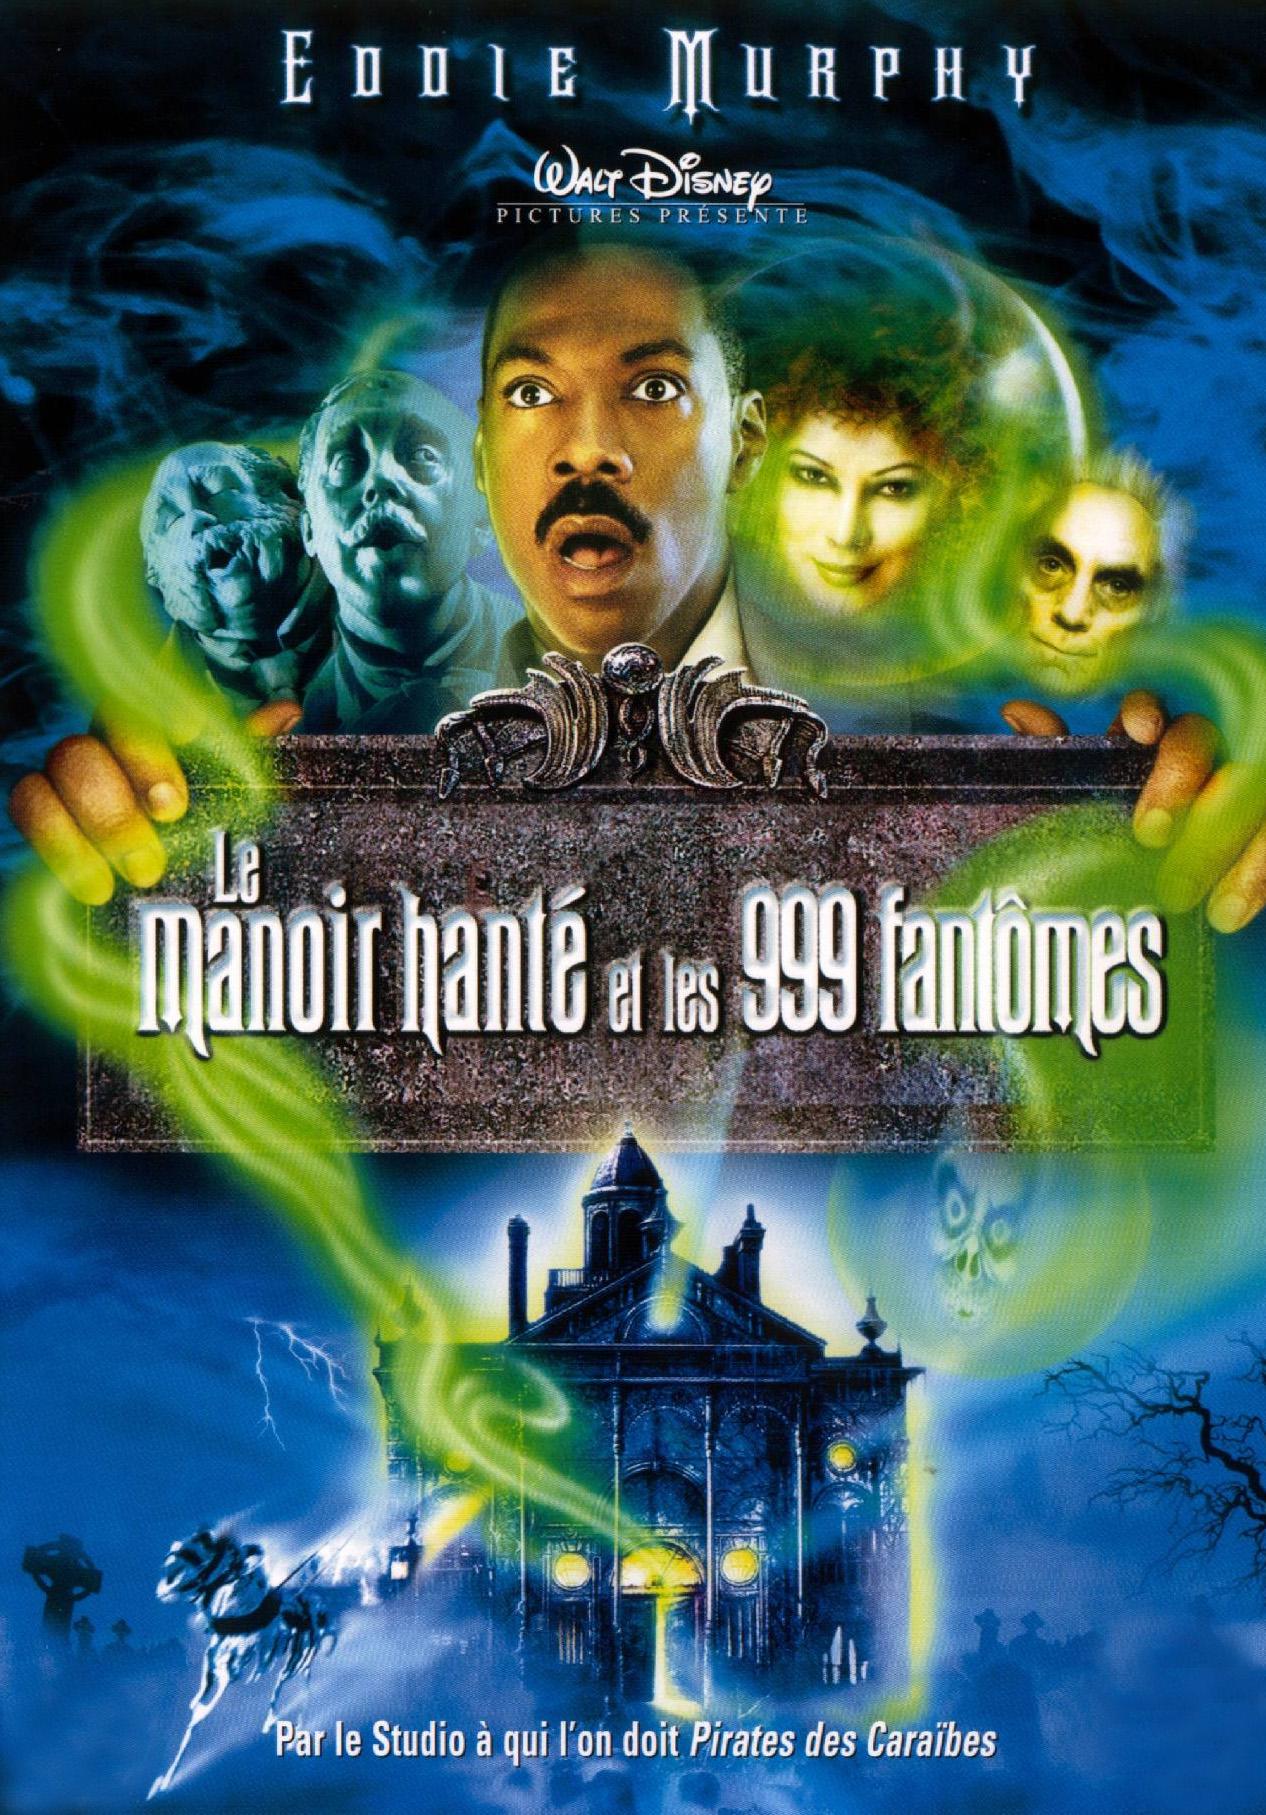 manoir hanté 999 fantômes